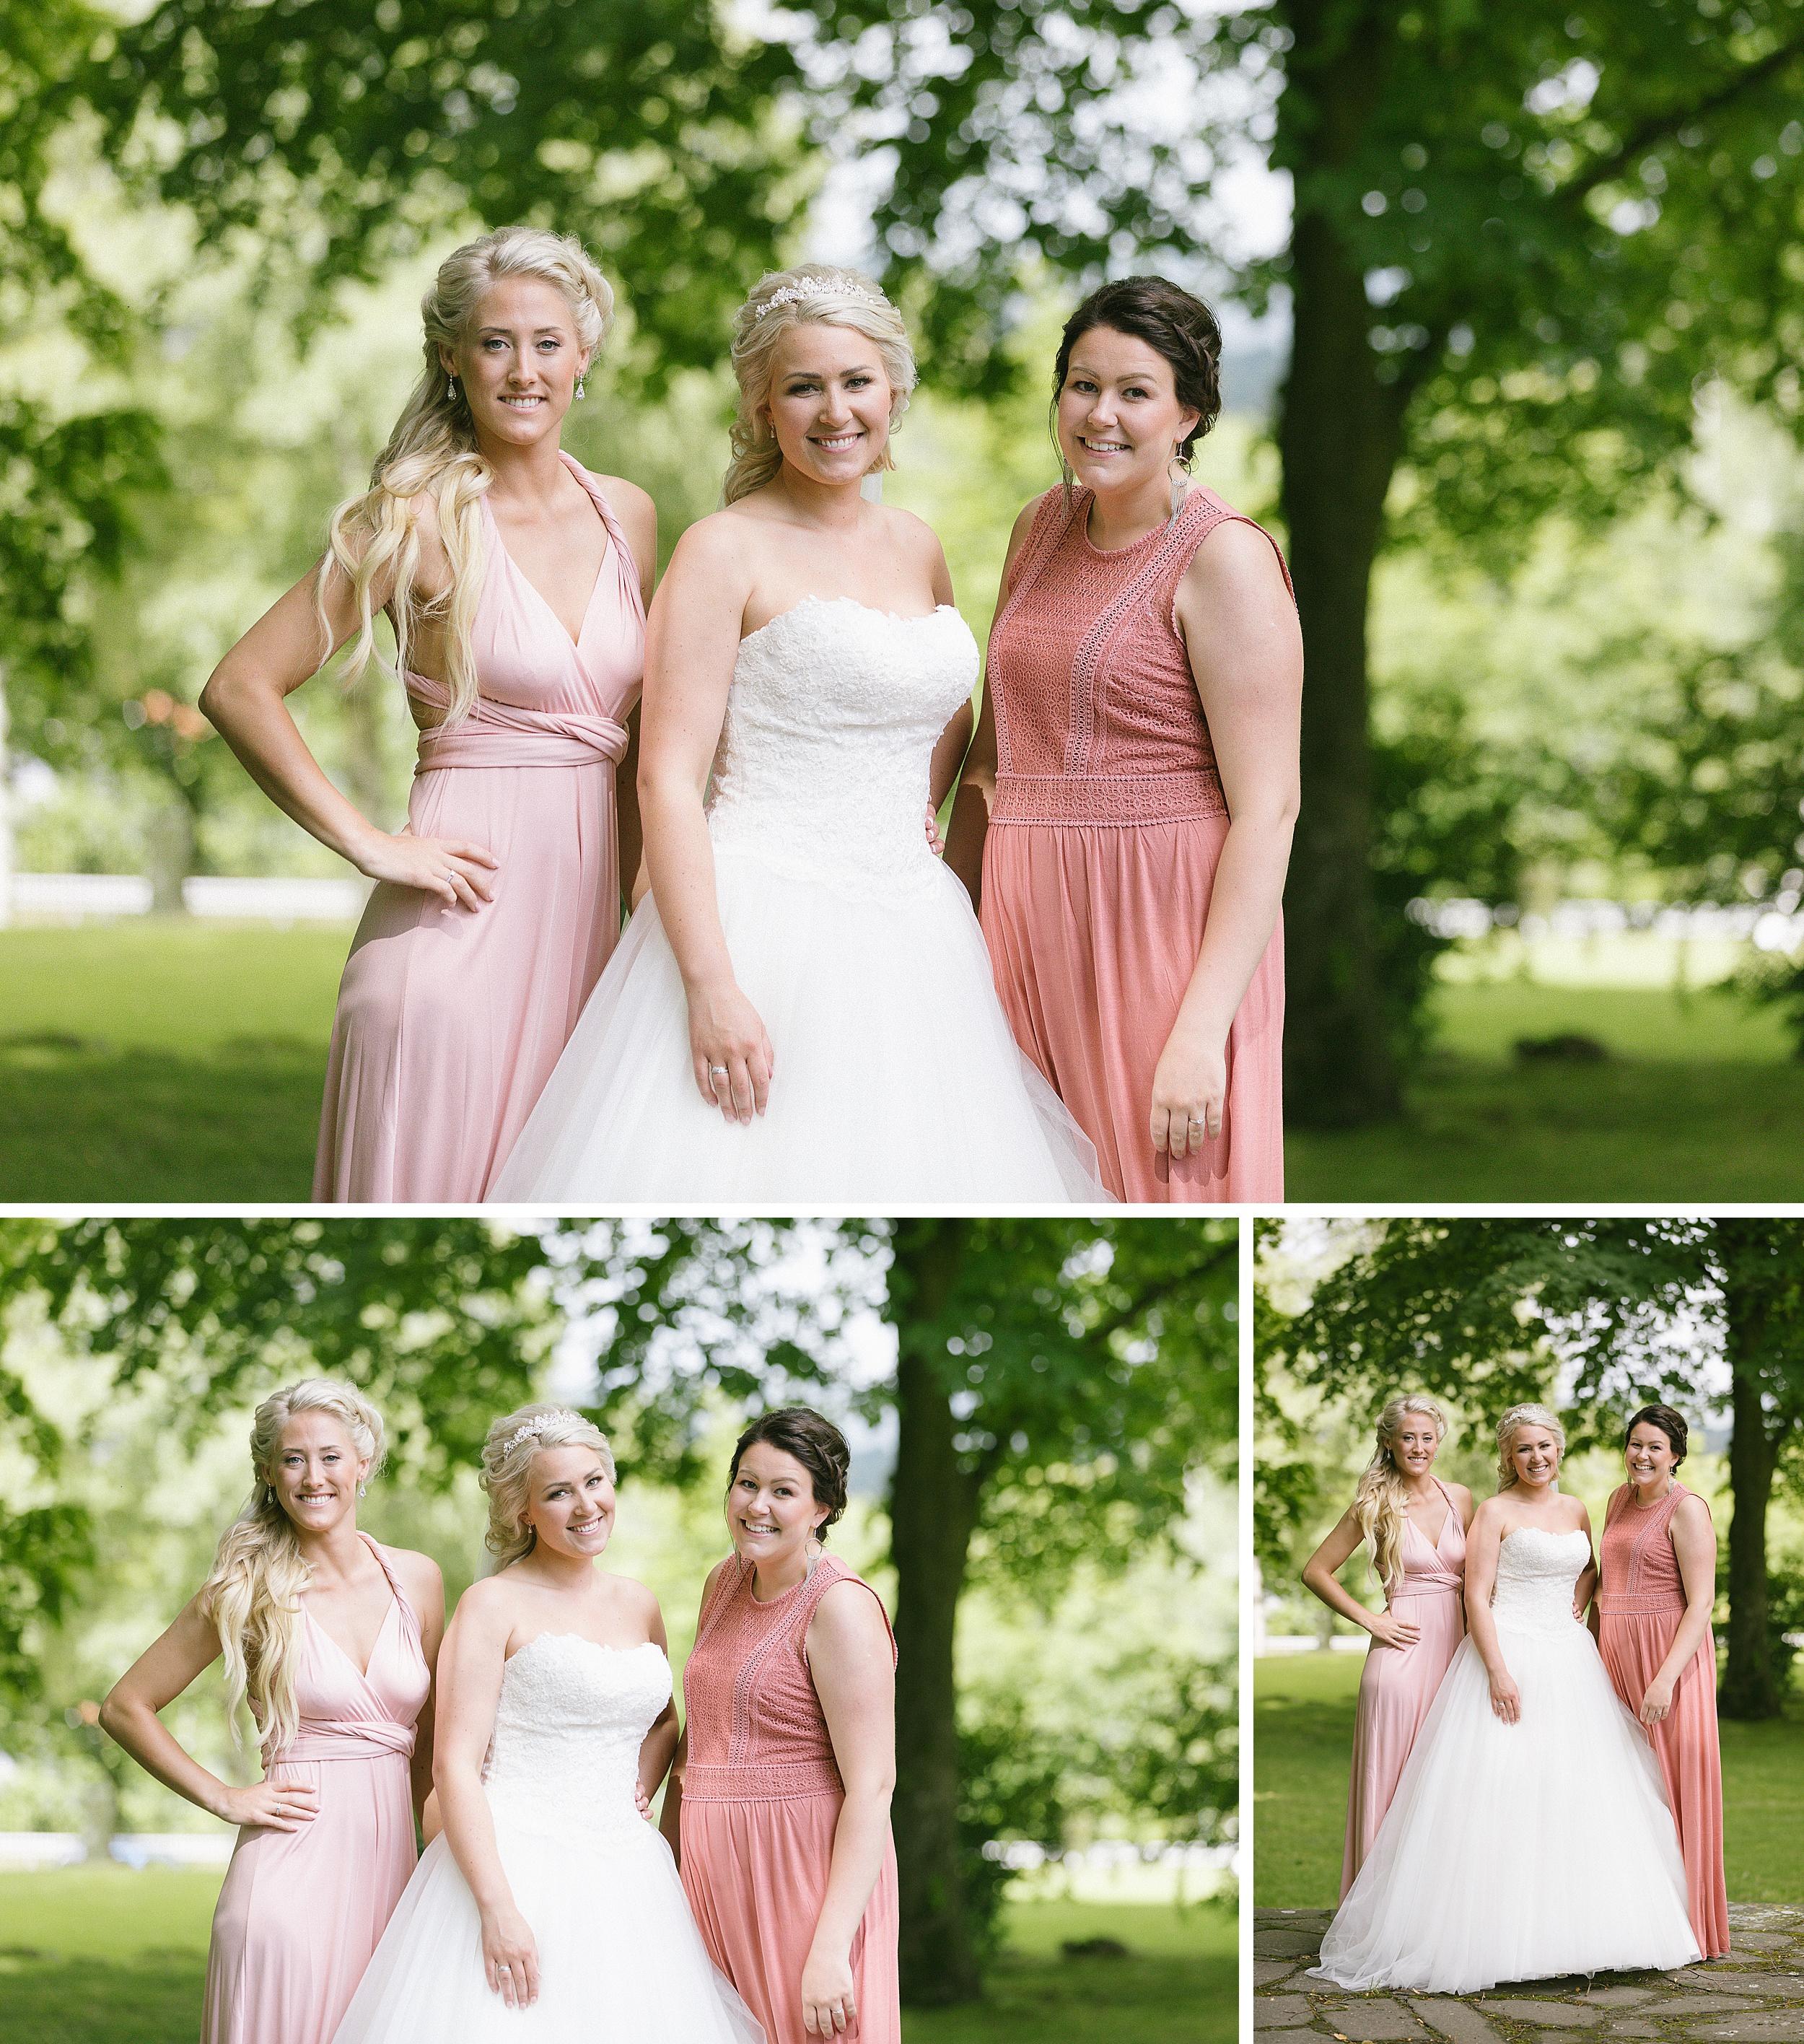 Heldags-bryllupsfoto-june-thomas_0033.jpg